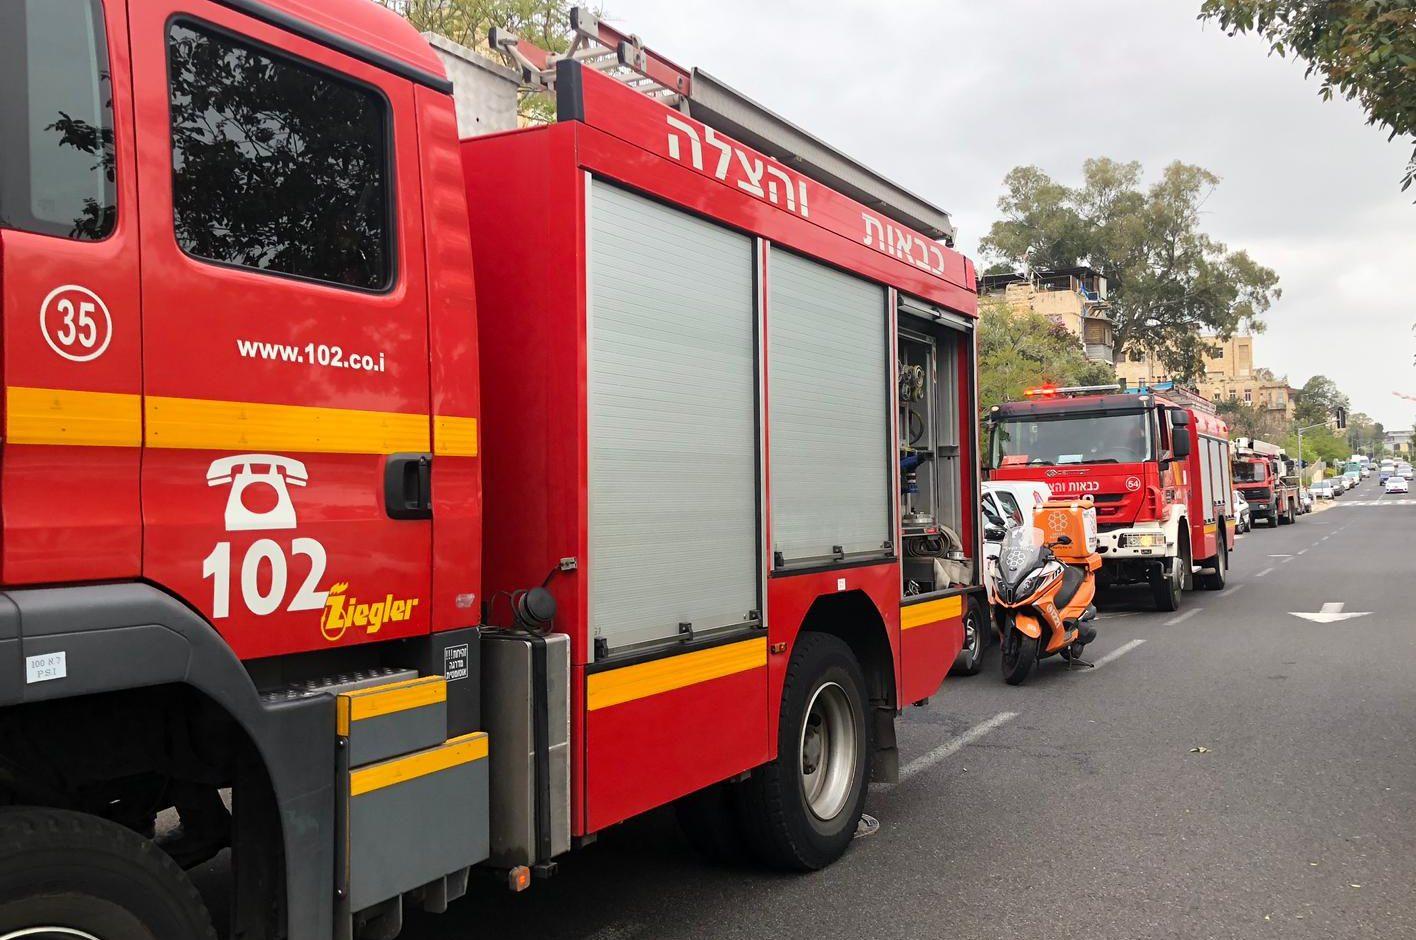 בשל שריפה: כביש 264 נחסם לתנועה מצומת רהט לצומת בית קמה